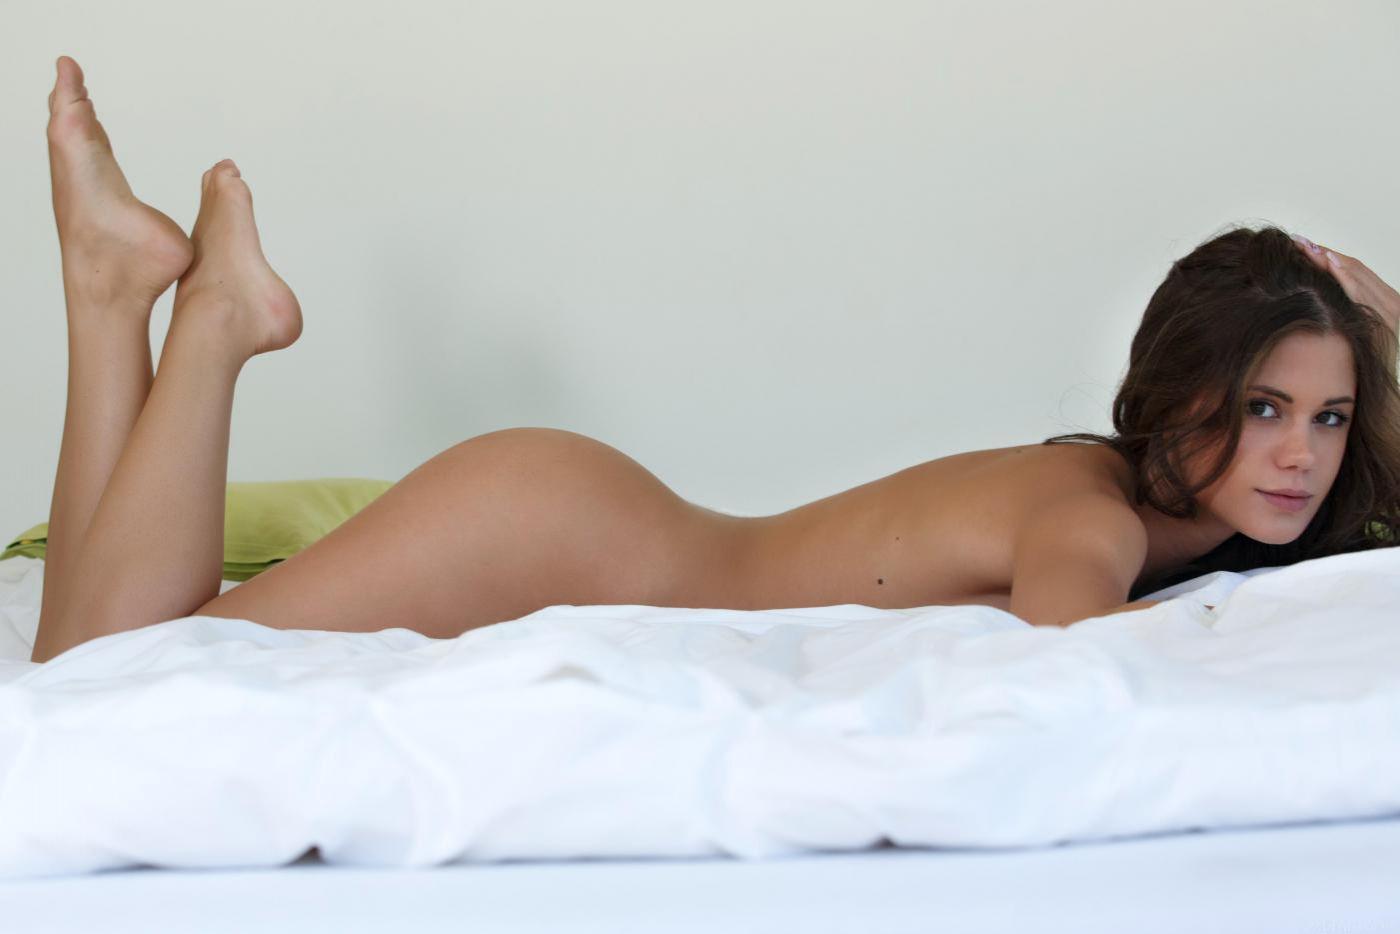 Сексуальная брюнетка с торчащими буферами Литл Каприс демонстрирует свою узкую бритую пилотку